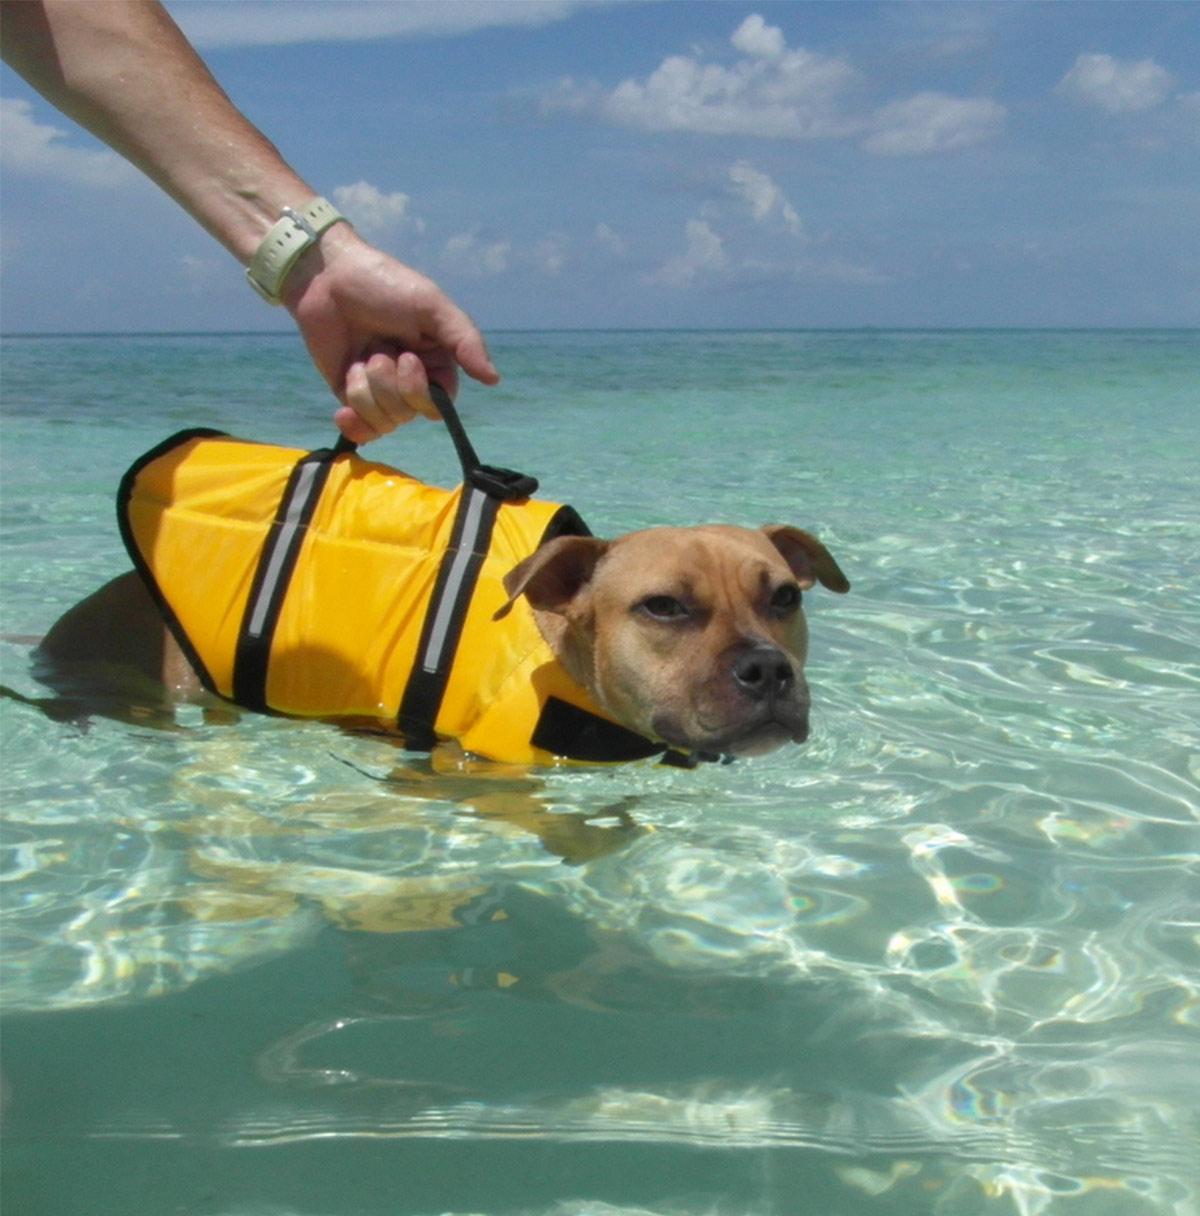 dog life jacket handle